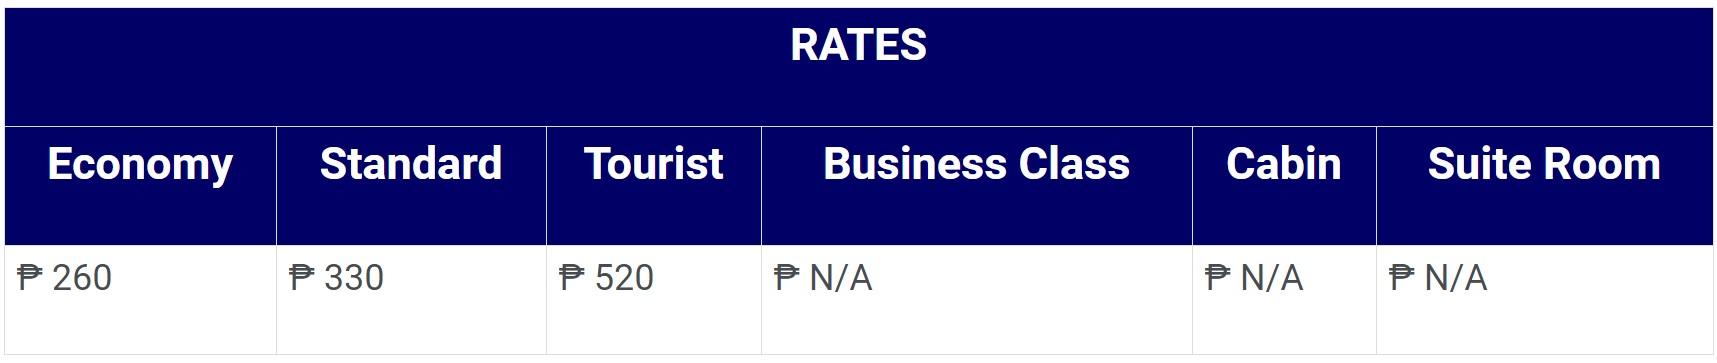 Lite Ferries Tagbilaran-Larena Fare Rates